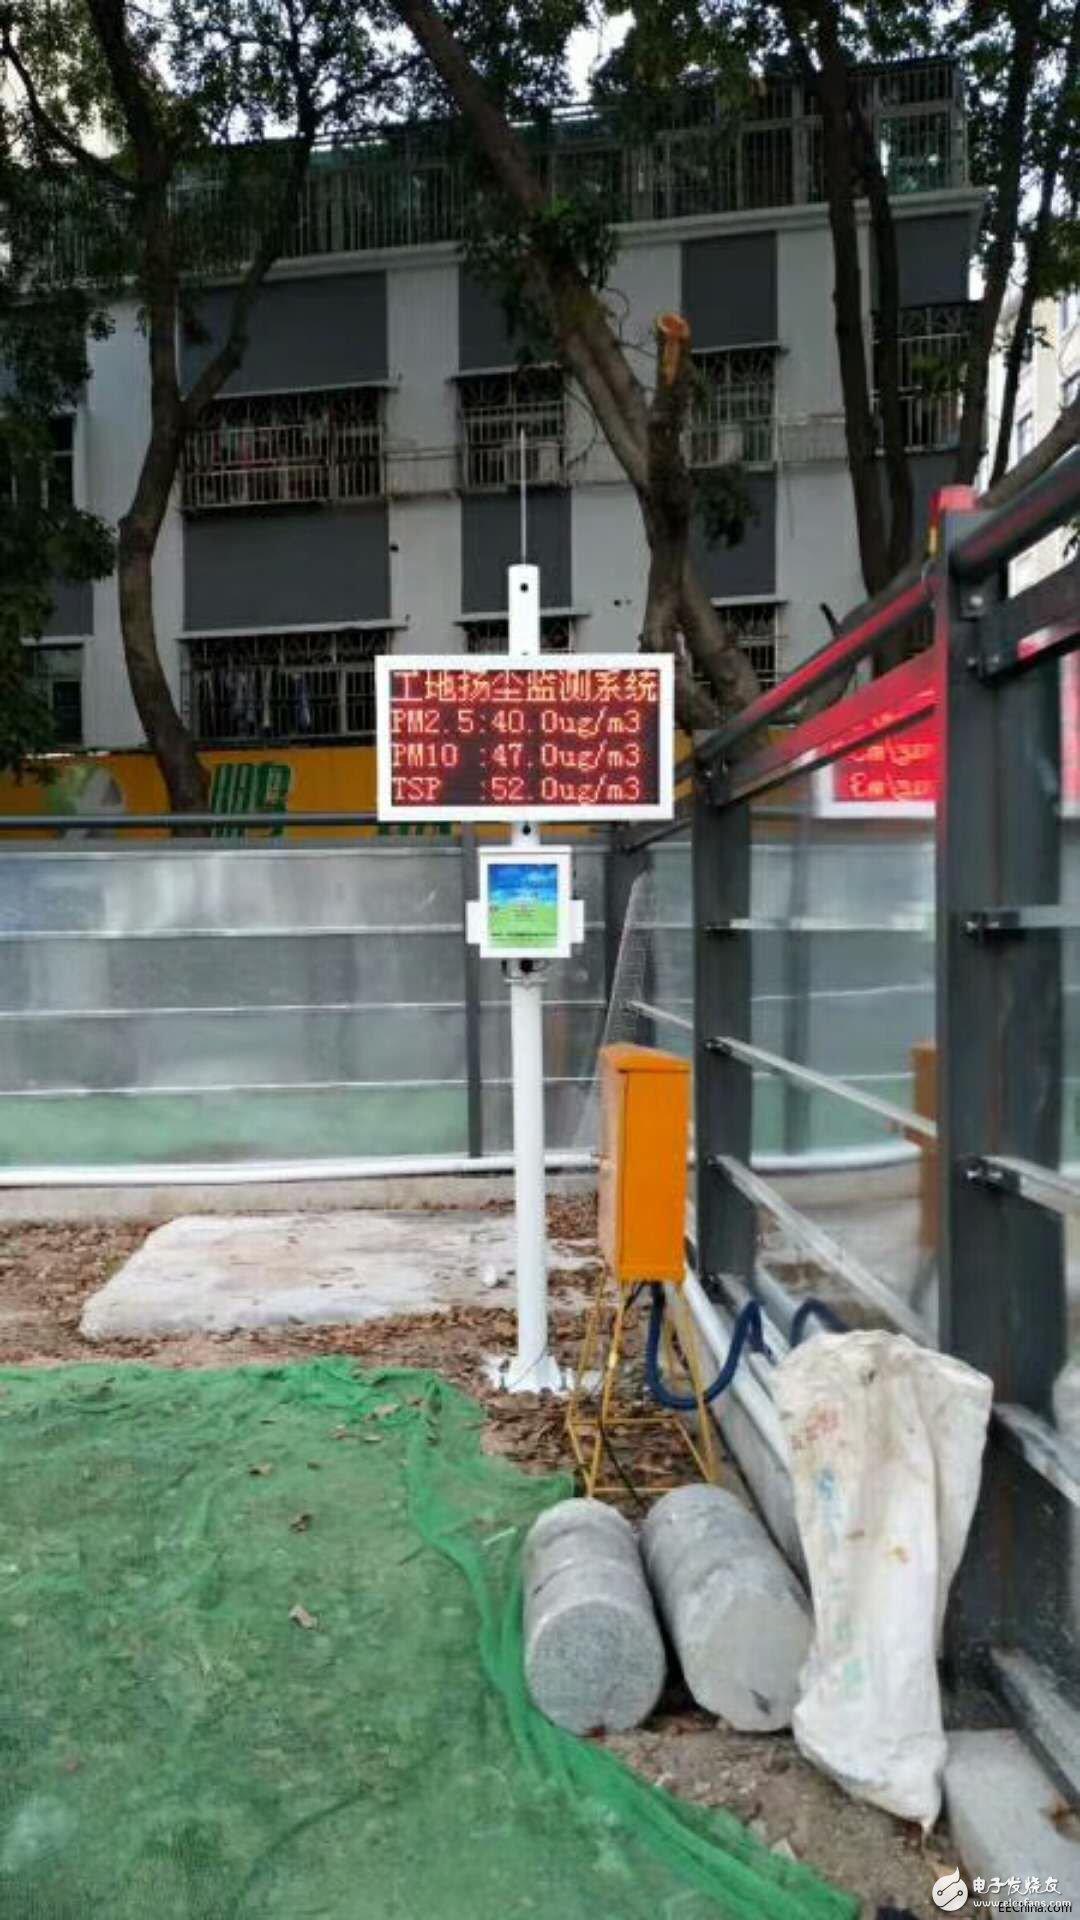 深圳工地TSP视频球机一体化在线监控系统方案